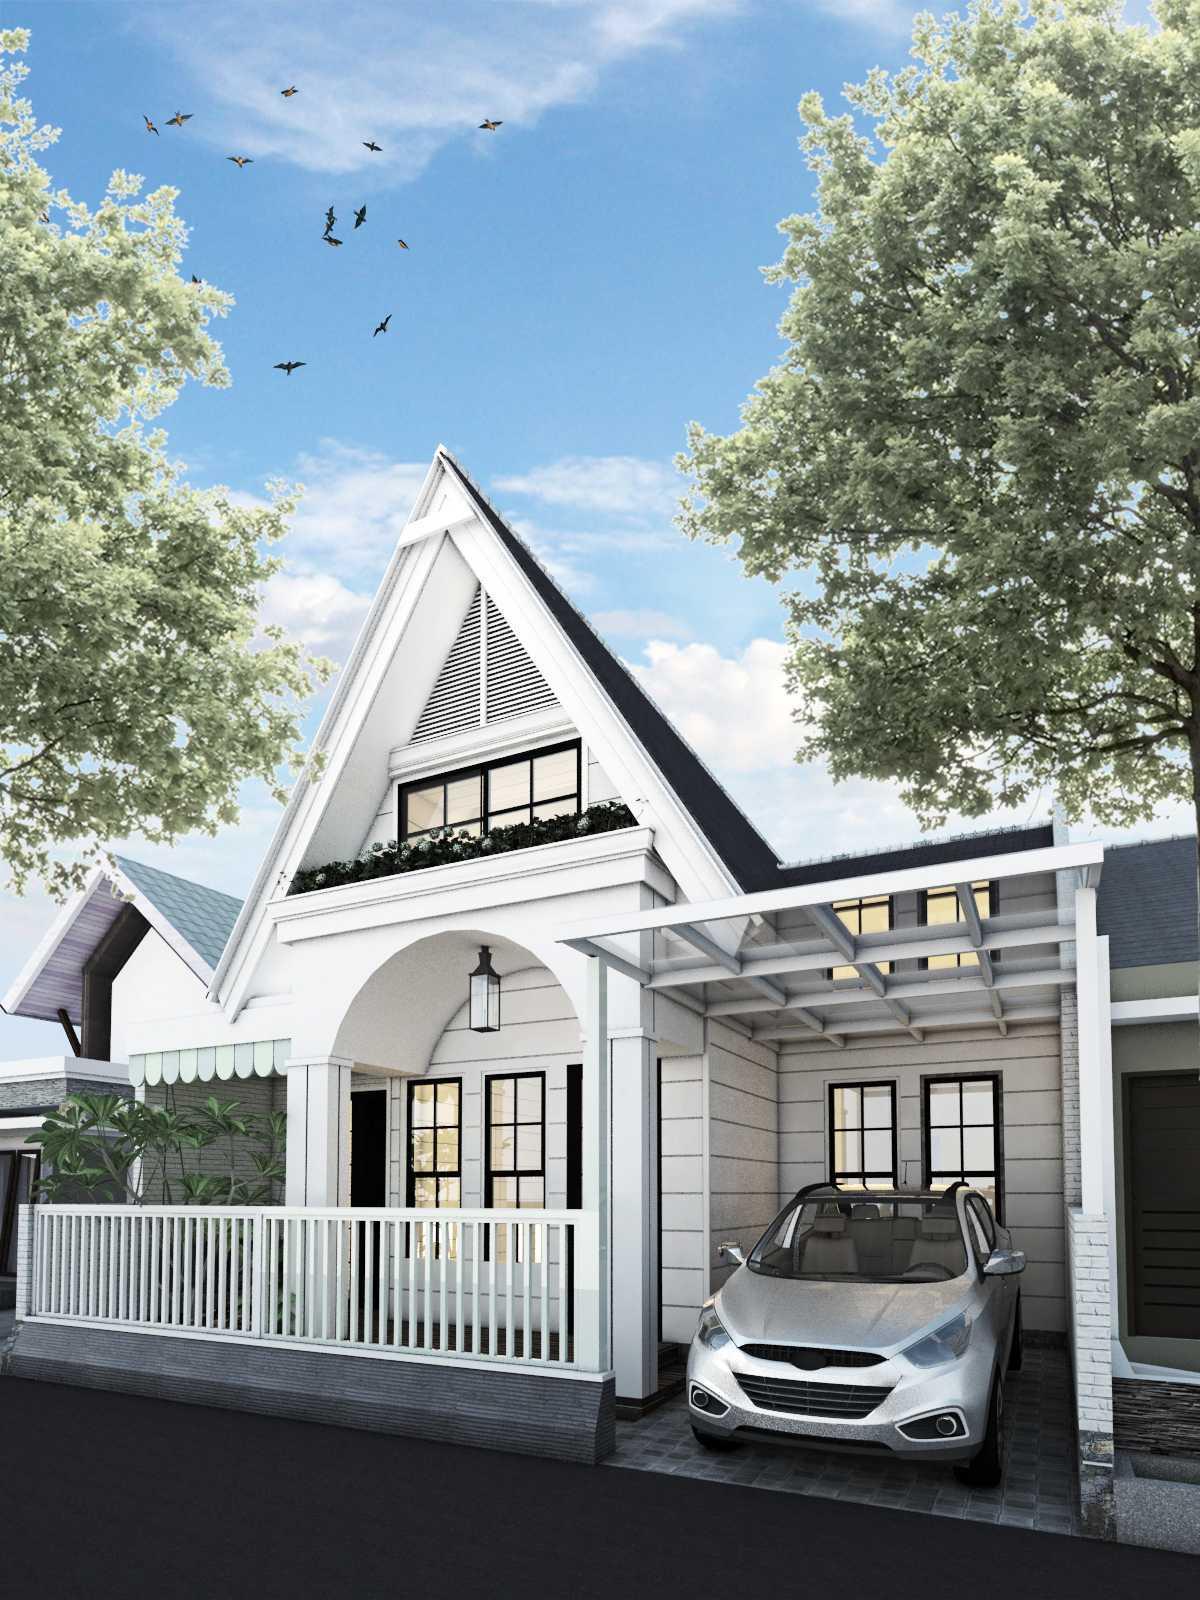 Wai Architect Kiky Home Depok, Kota Depok, Jawa Barat, Indonesia Depok, Kota Depok, Jawa Barat, Indonesia Wai-Architect-Kiky-Home   67118